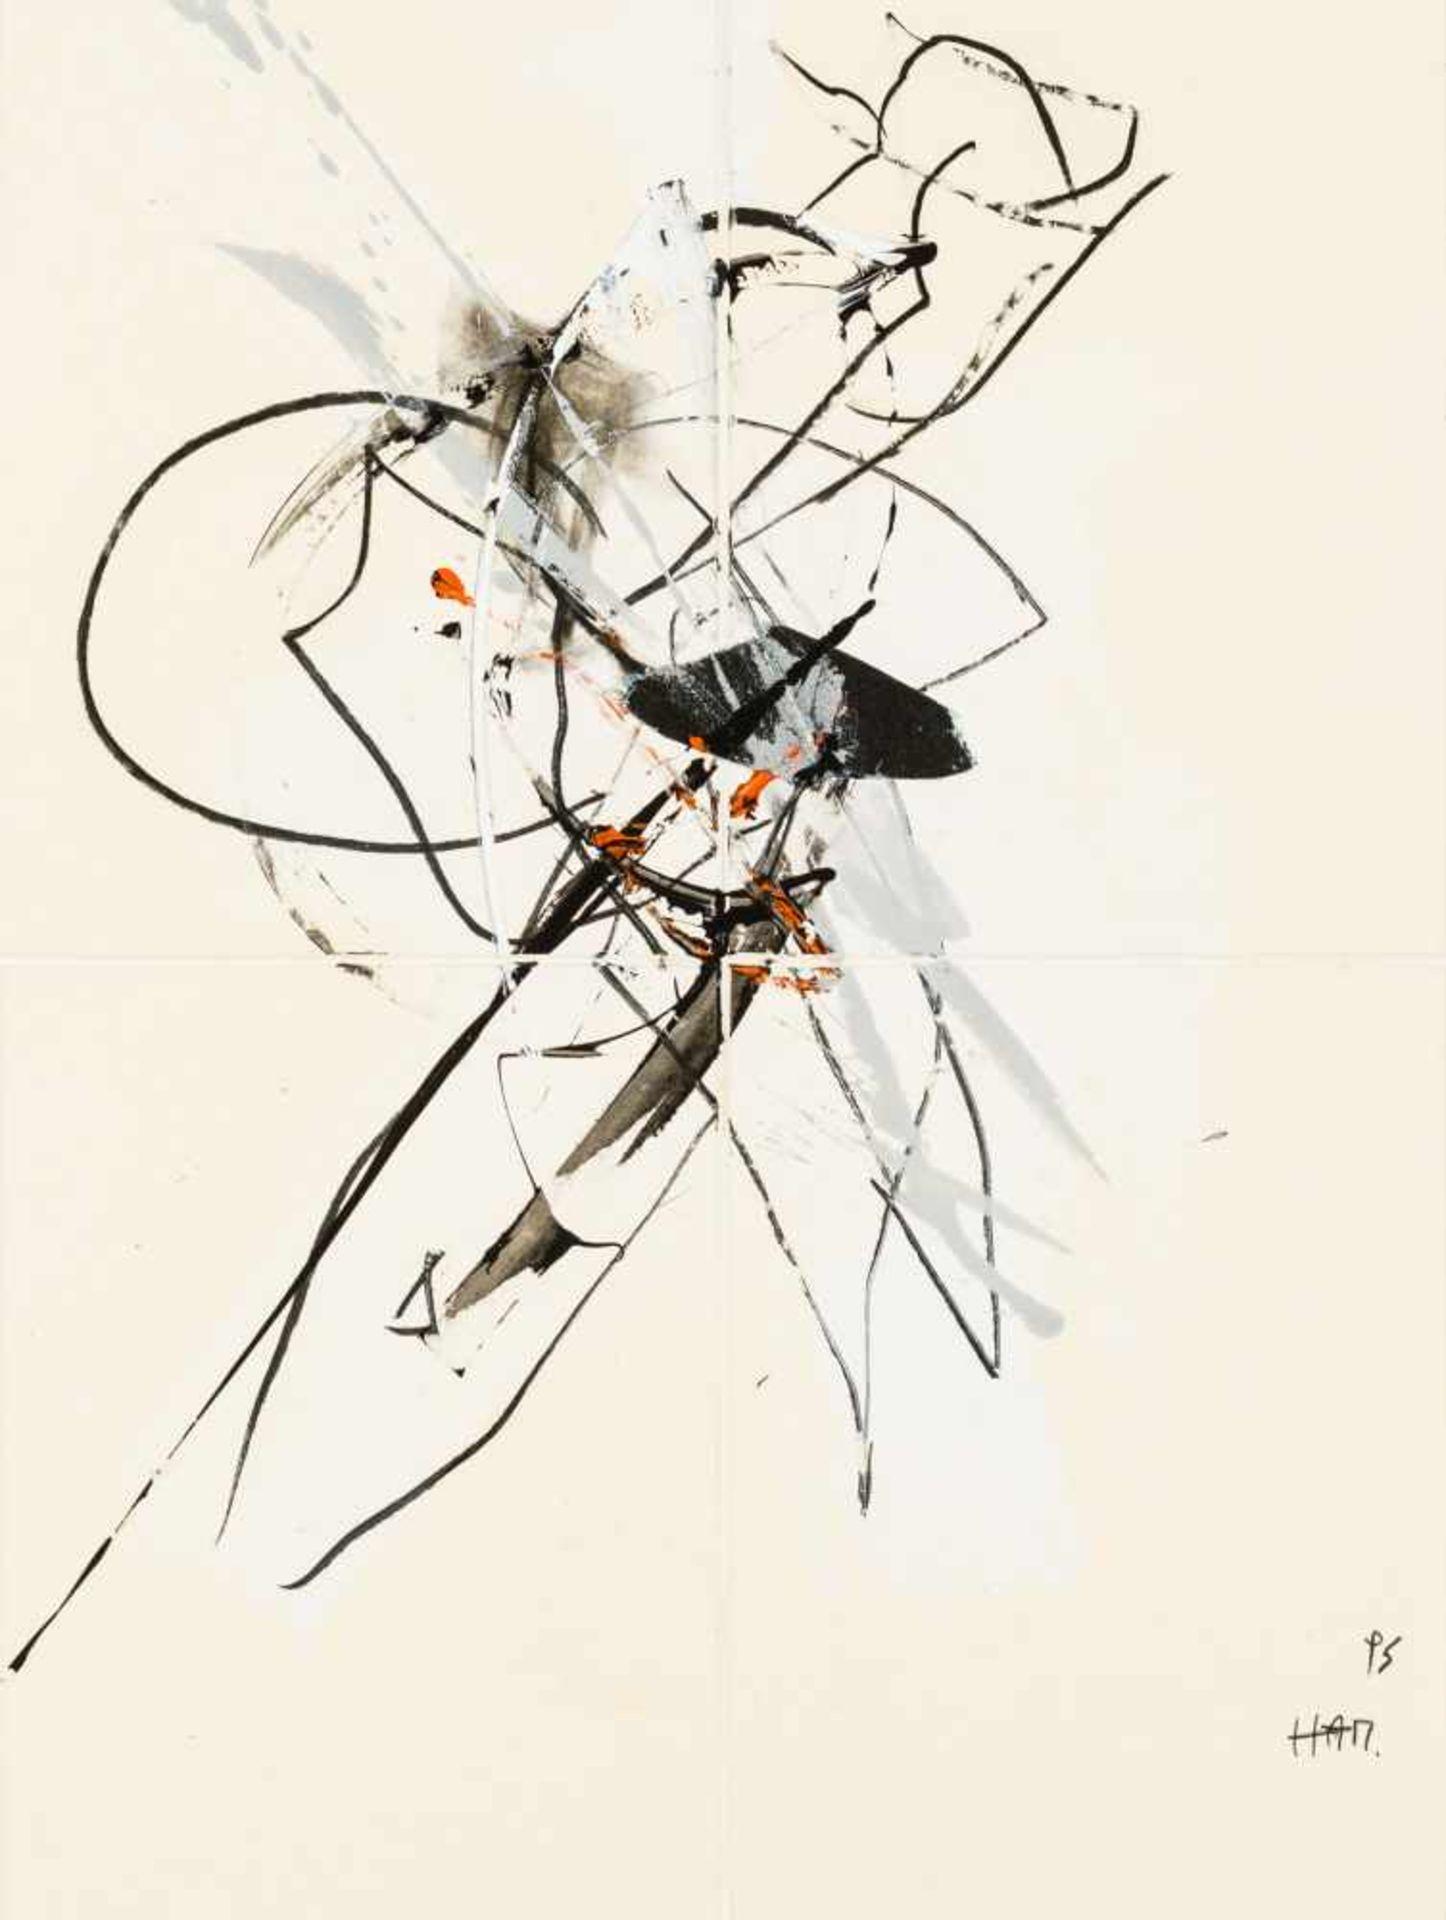 Los 13 - Hannes Mlenek Wiener Neustadt 1949 geb. Ohne Titel Mischtechnik und Collage auf Karton 66 x 49 cm